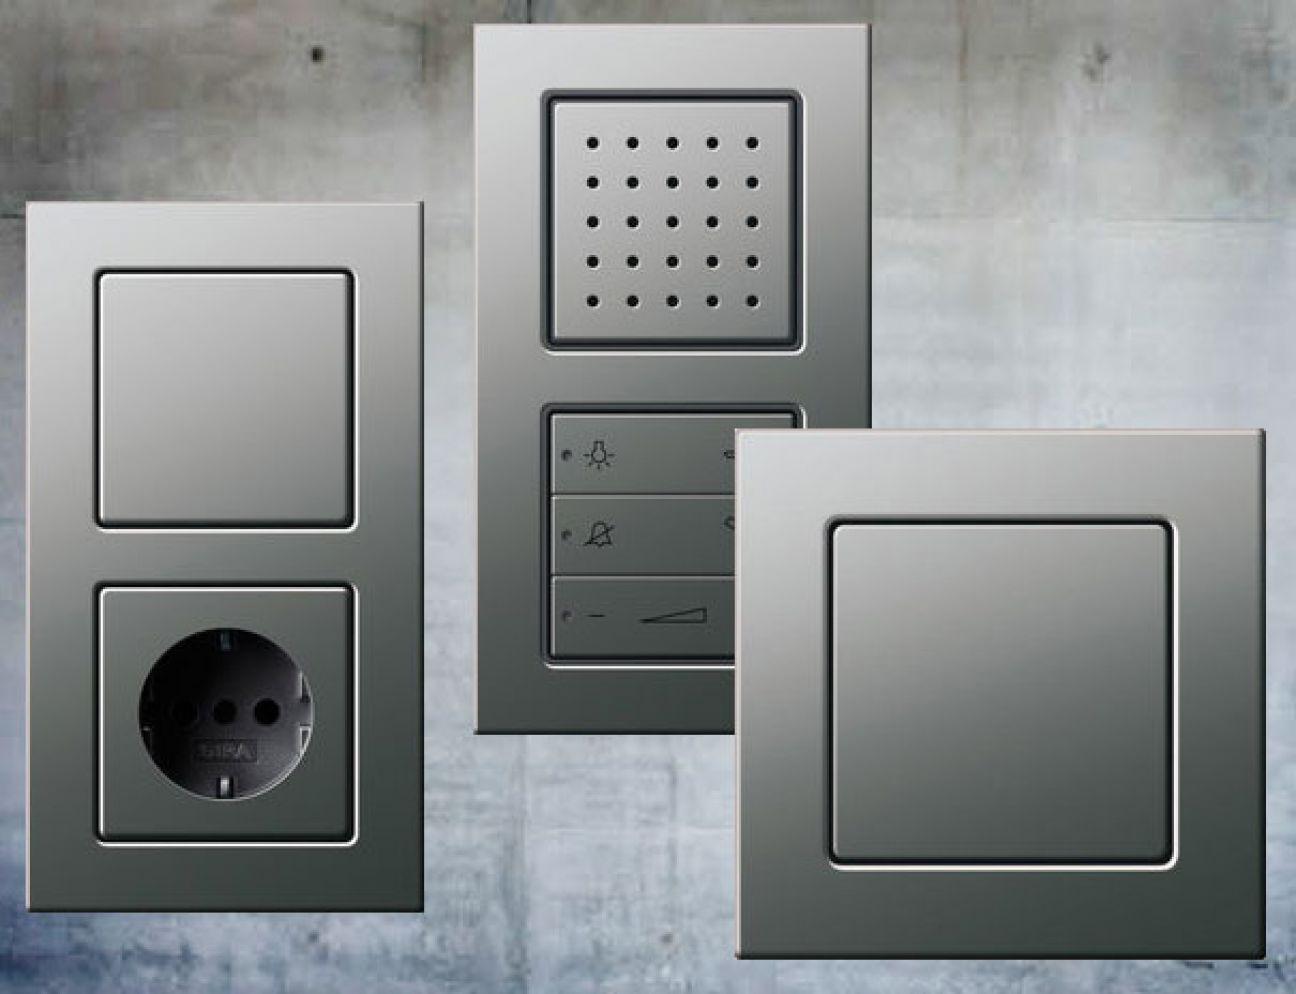 Gira E22 In 2020 Steckdosen Und Lichtschalter Schalter Und Steckdosen Lichtschalter